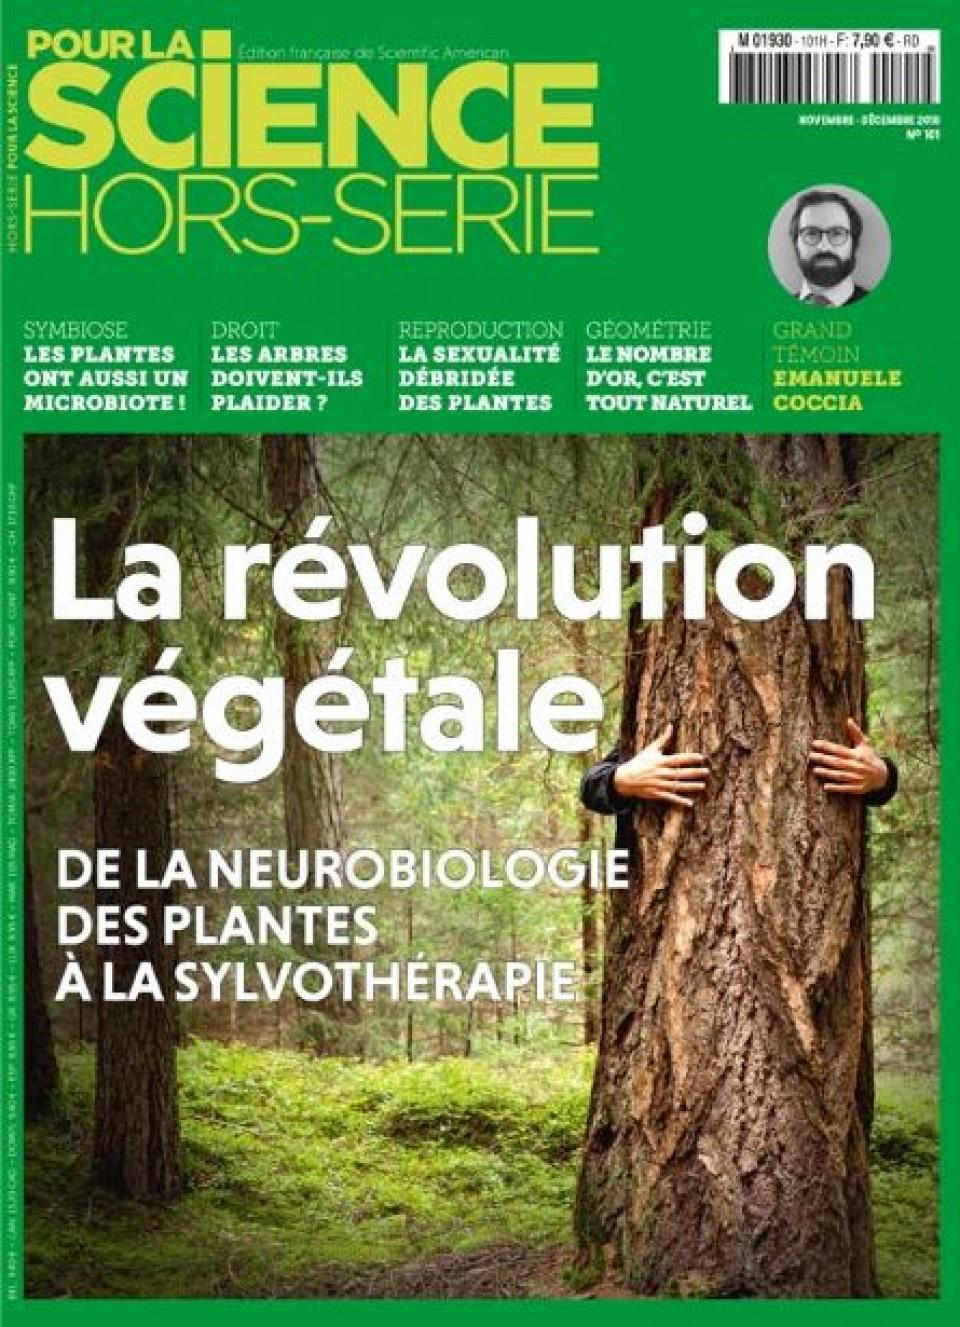 La révolution végétale - Pour la science - Hors série Décembre 2018